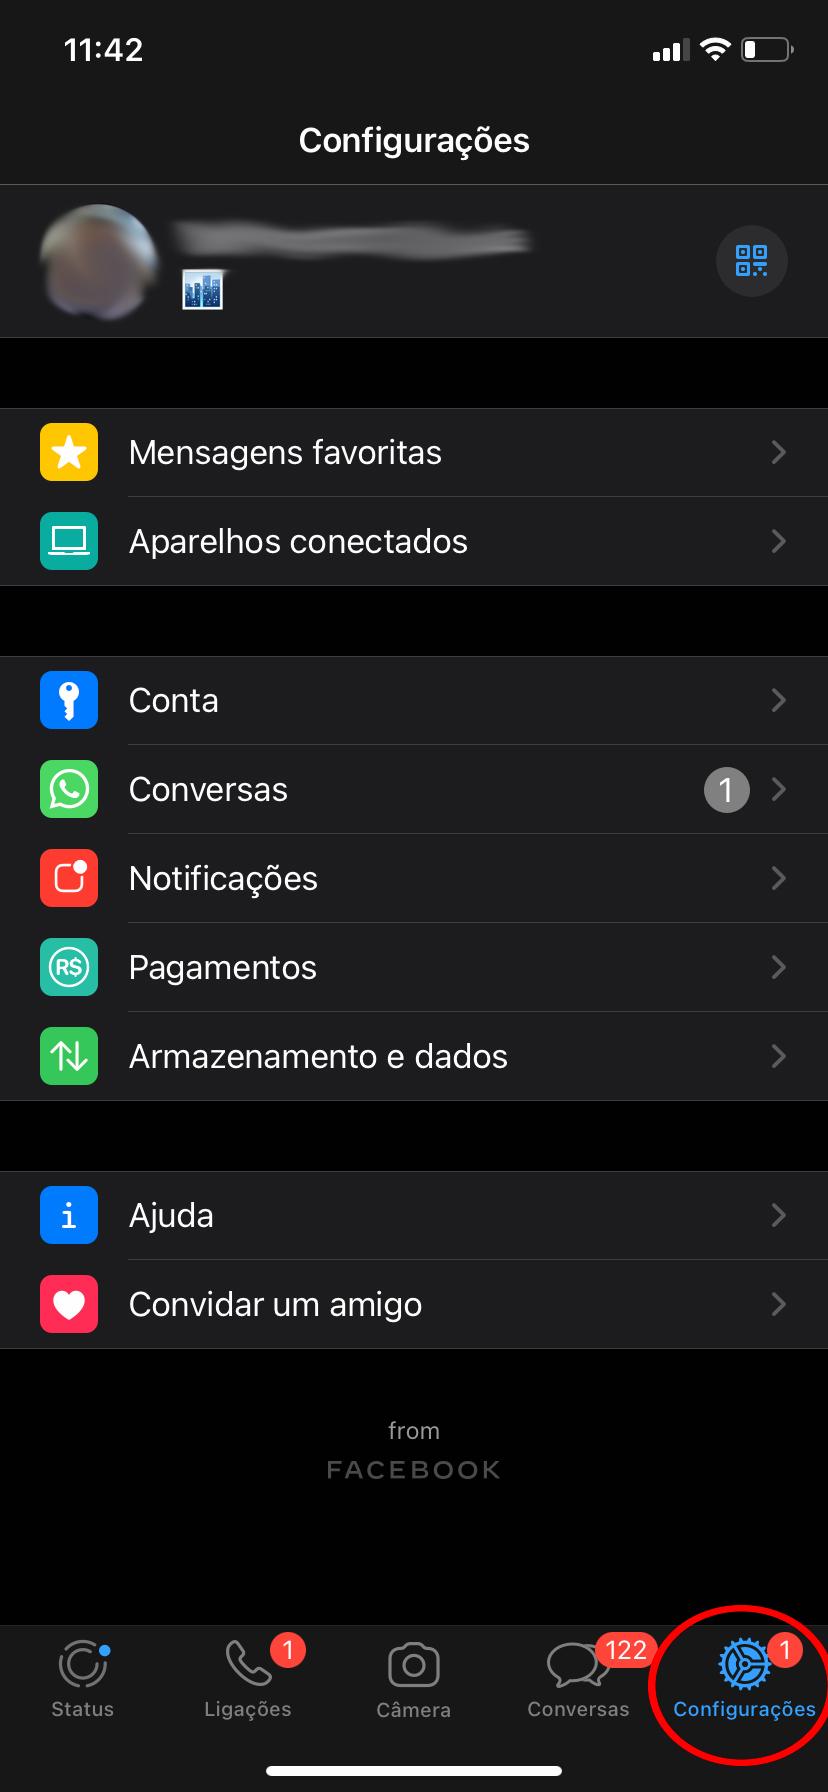 Menu 'Configurações' no sistema iOS (Fonte: TecMundo)